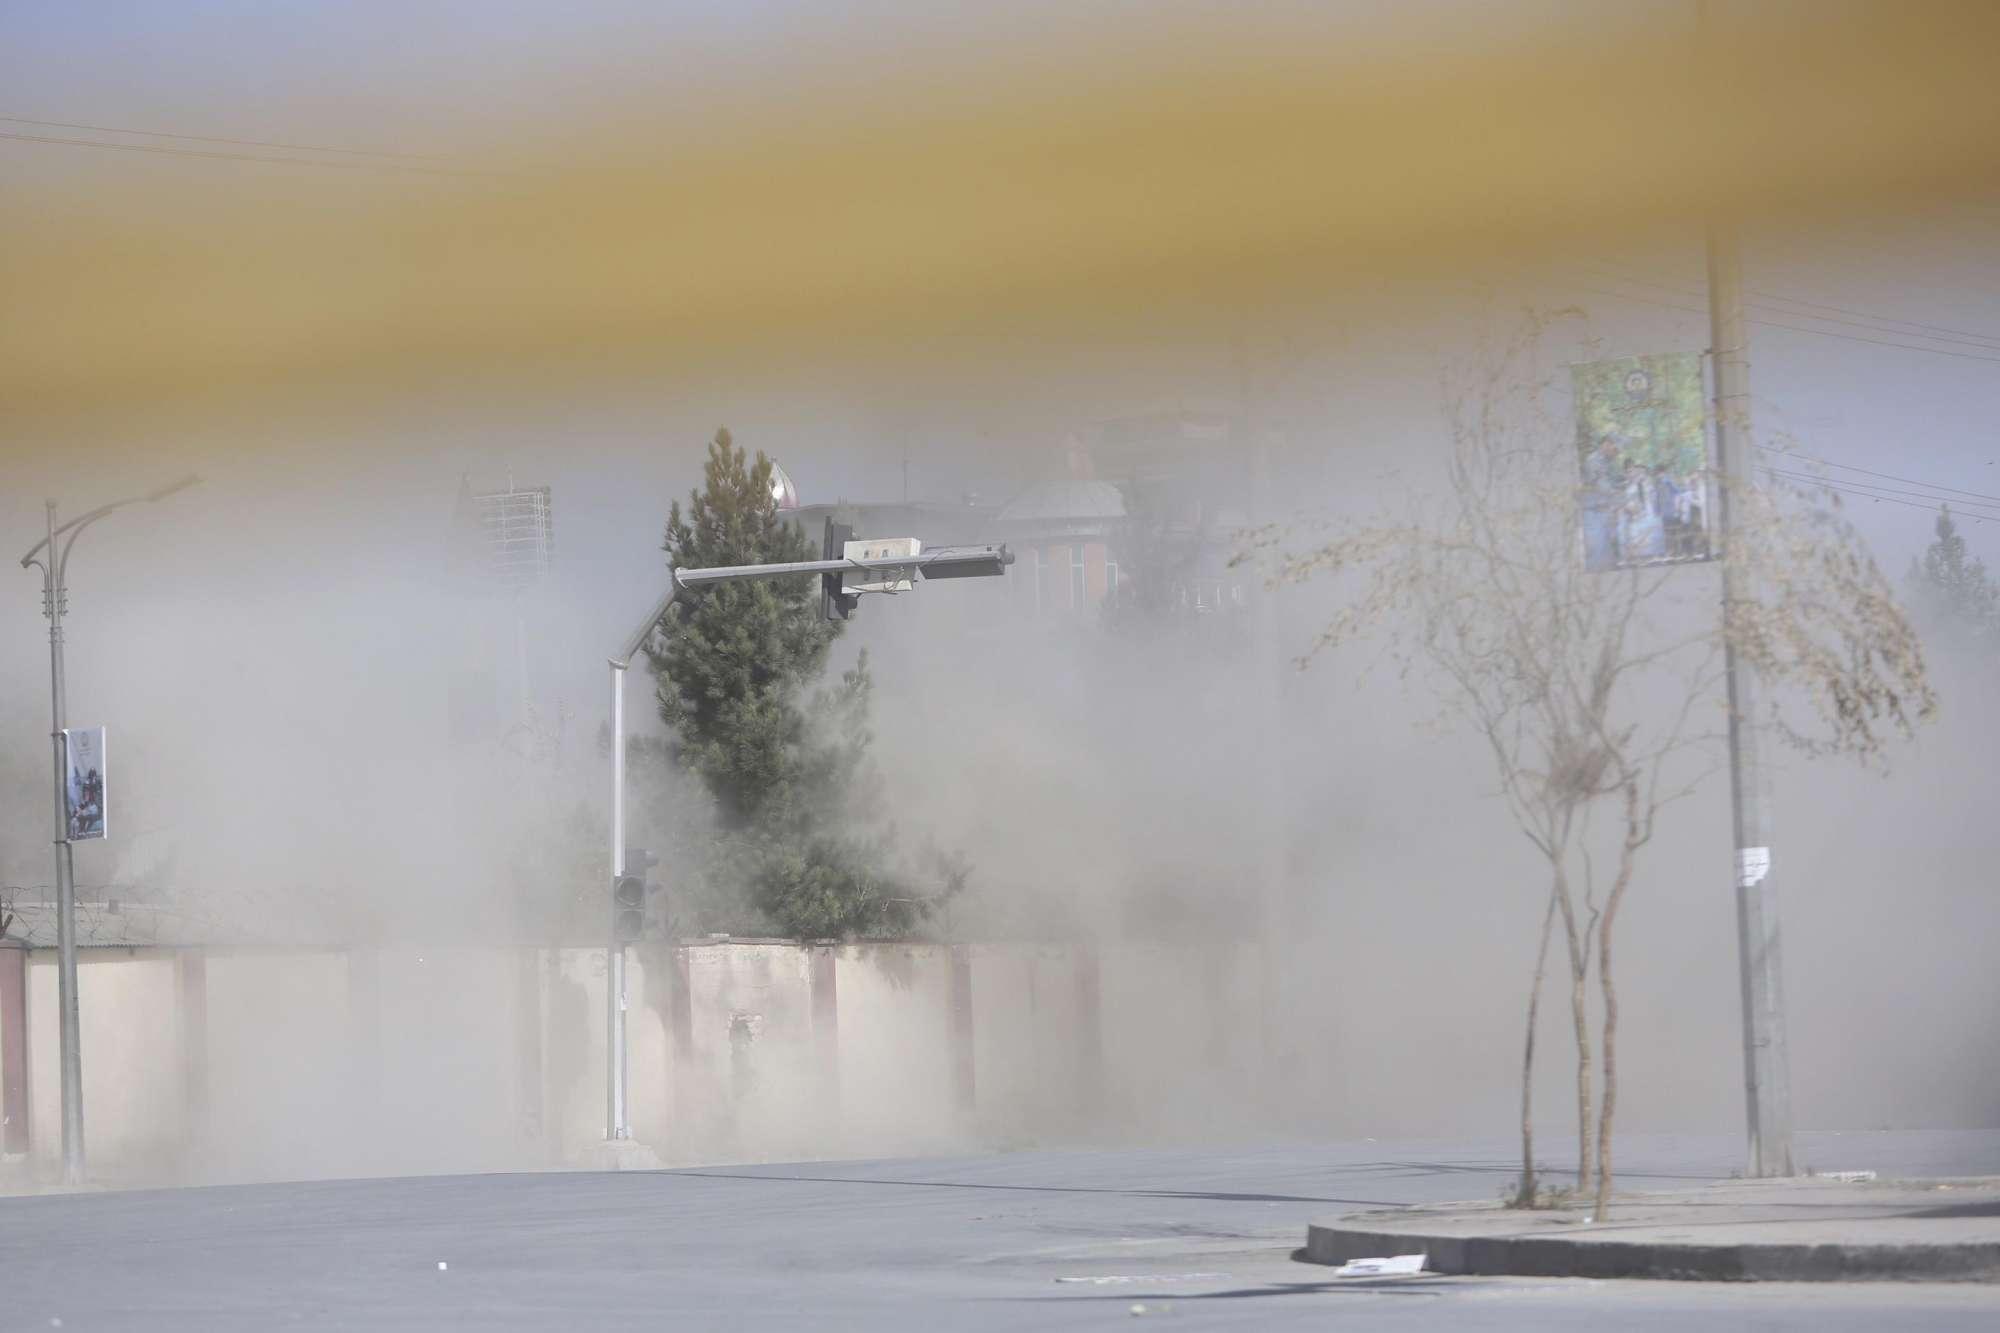 Terrorismo: l'Isis rivendica un attacco a Kabul